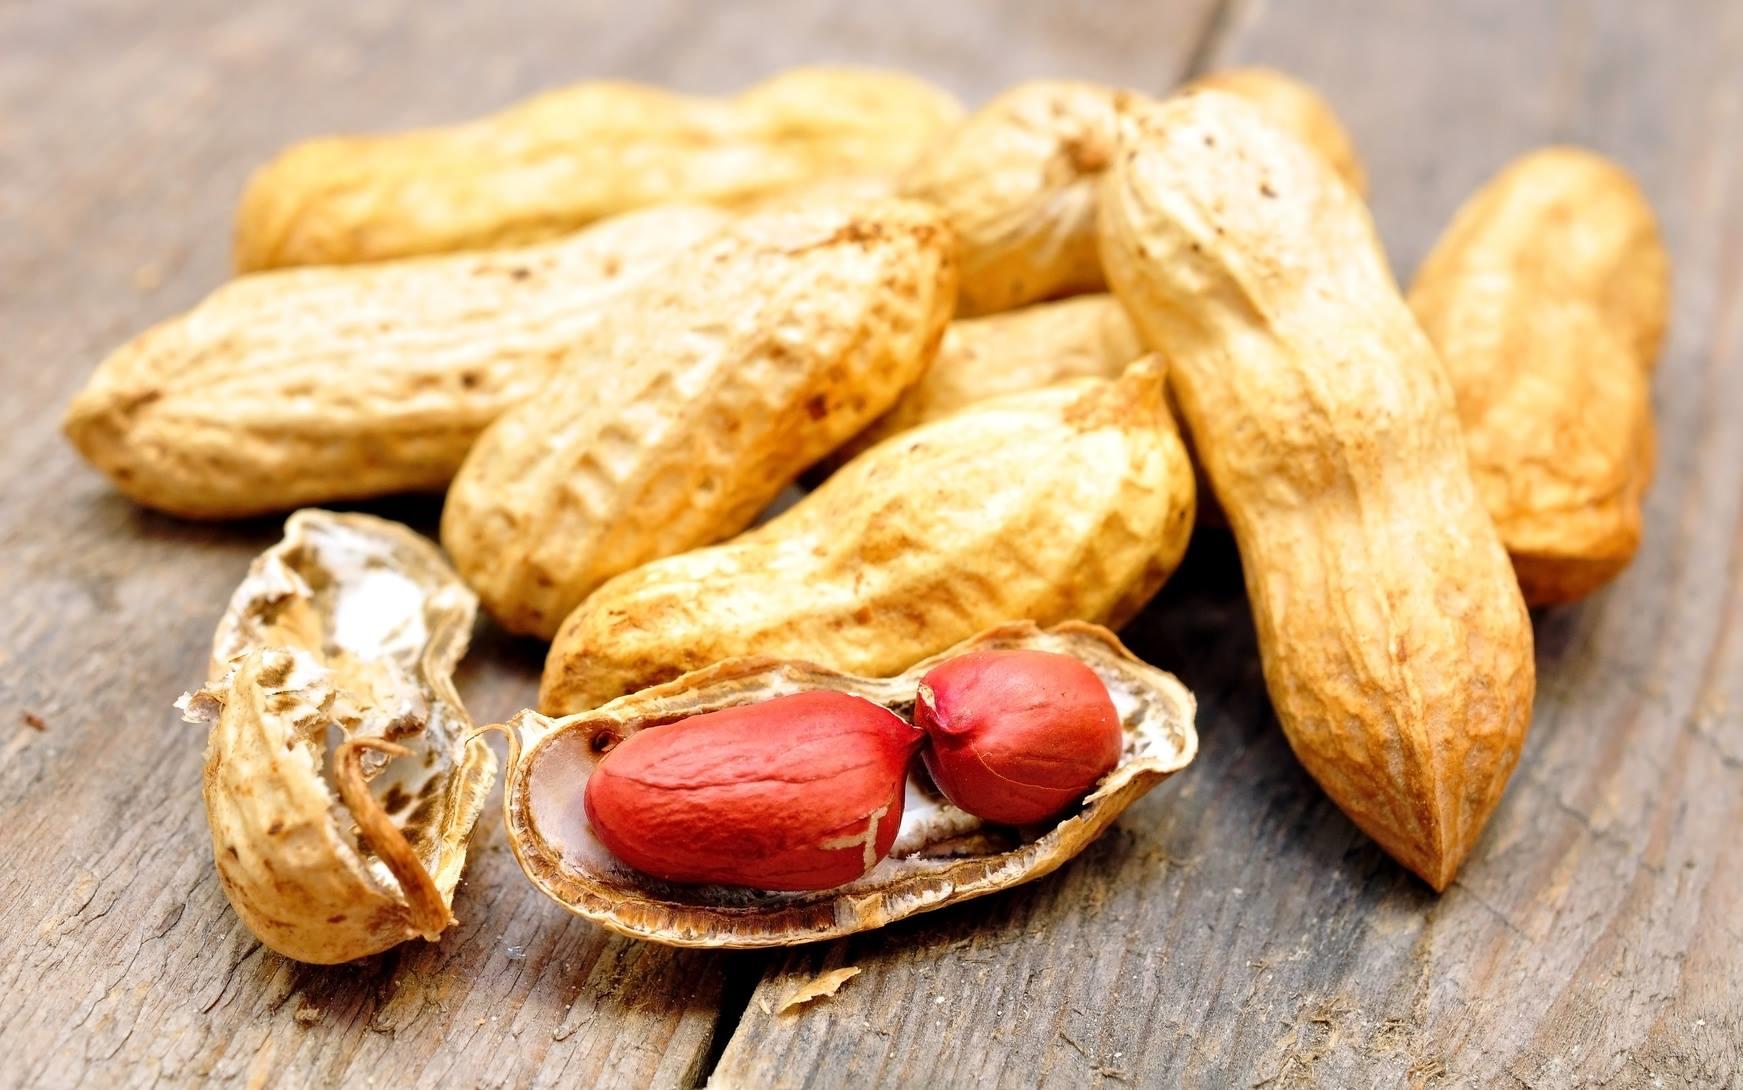 Le traitement de l'allergie à l'arachide de DBV technologies est au stade clinique